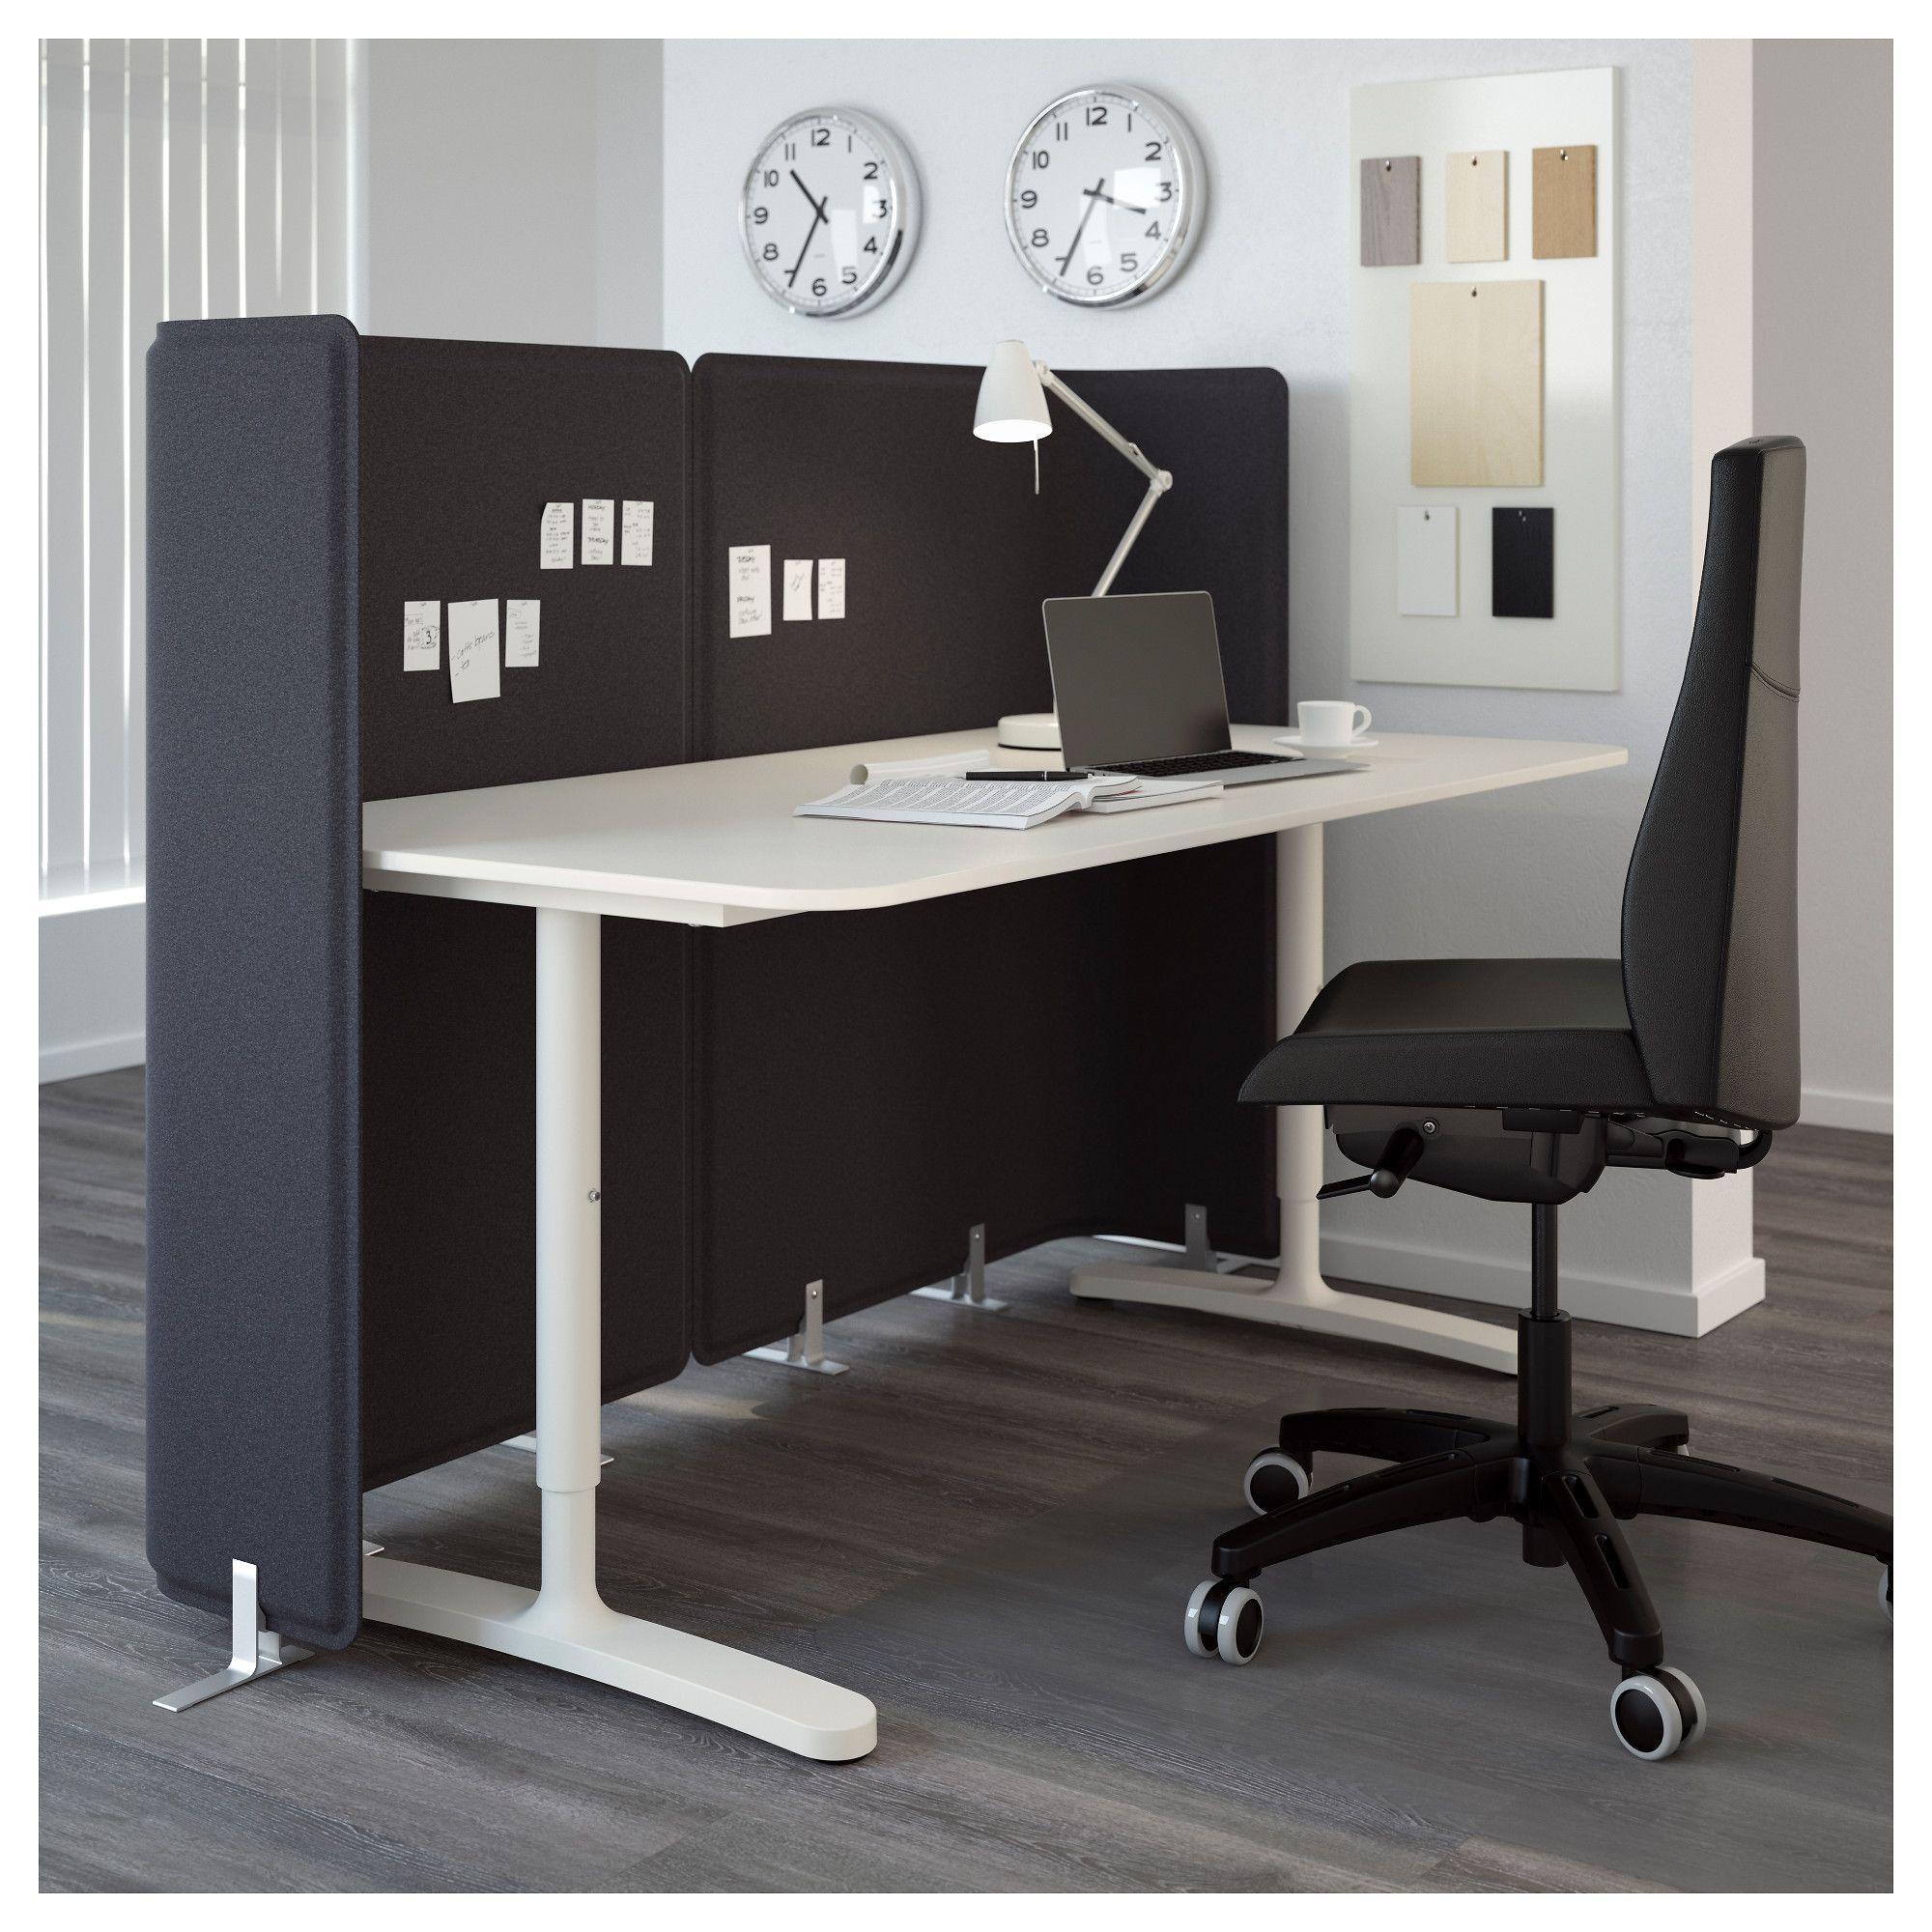 Ikea Bekant Reception Desk White Officedesign Home Office Furniture Ikea Office Furniture Home Office Design